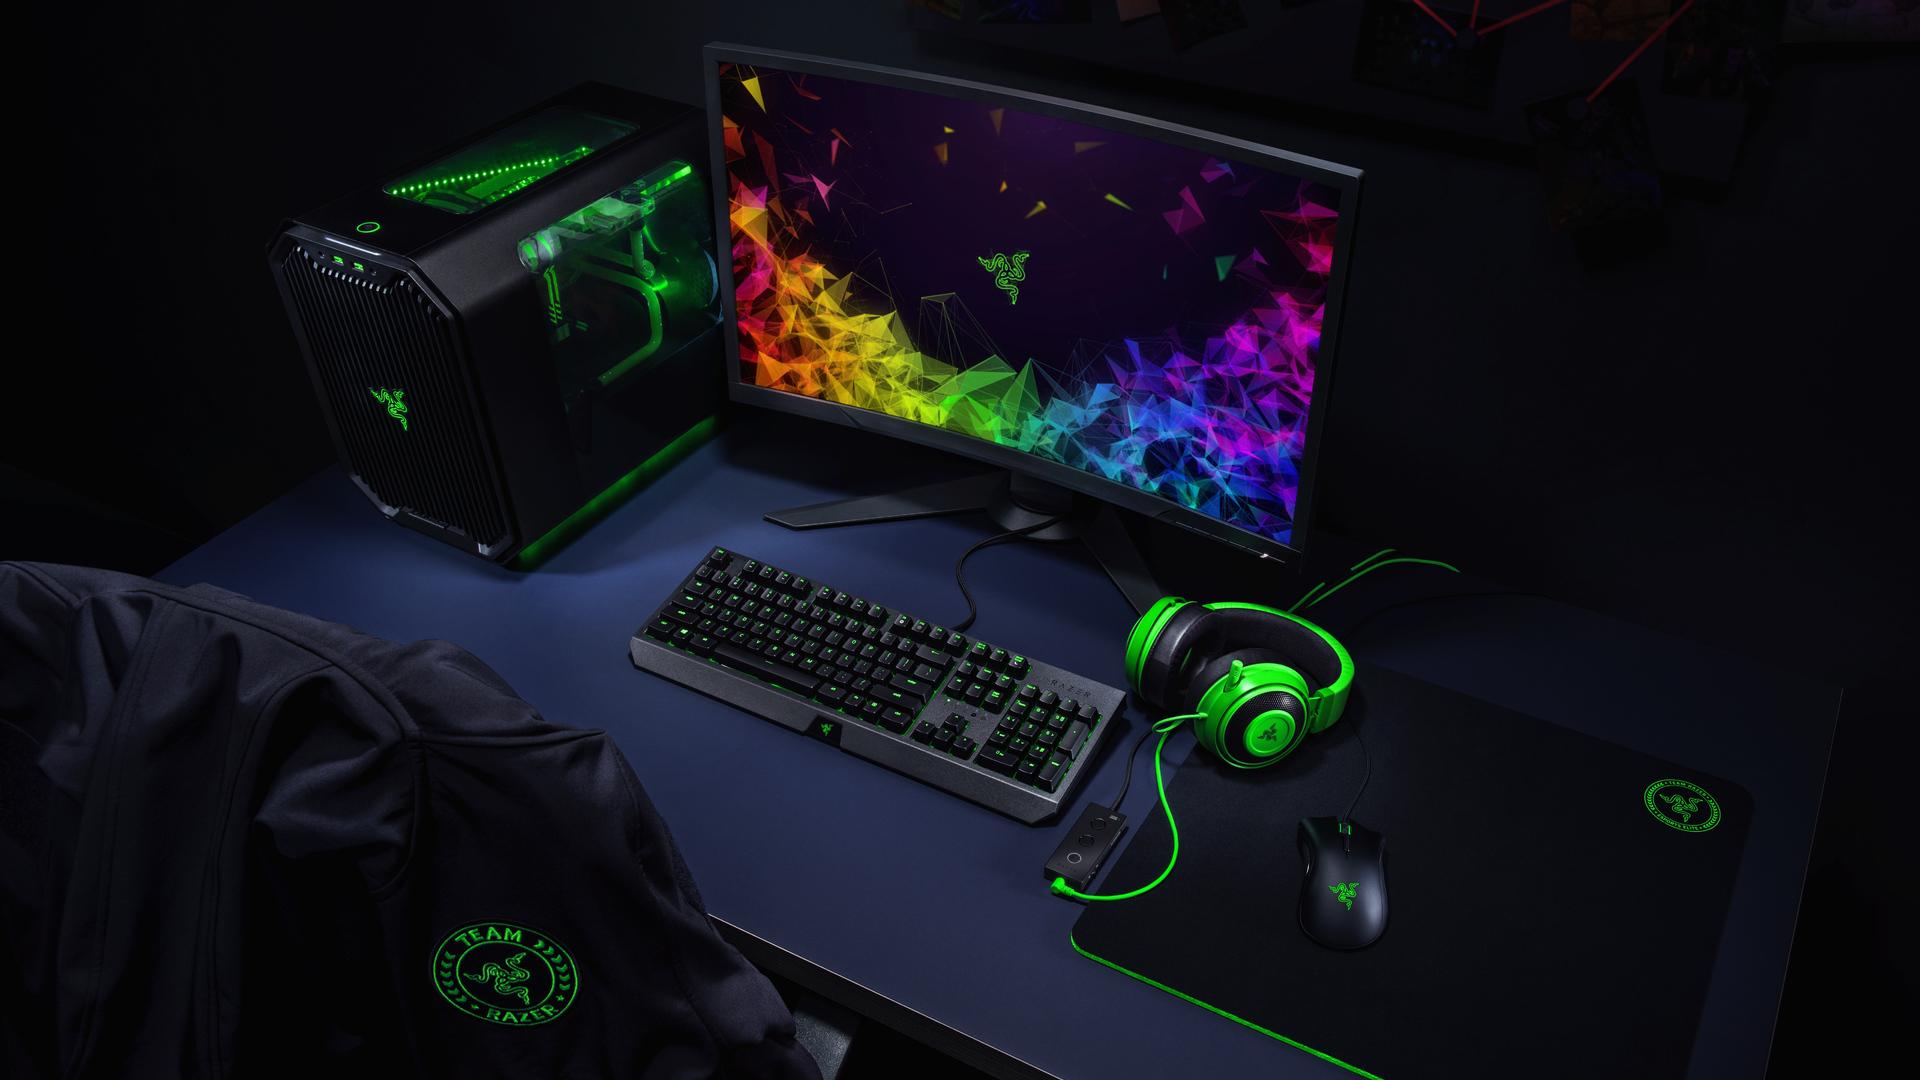 1920x1080 Razer Gaming Setup 8k Laptop Full Hd 1080p Hd 4k